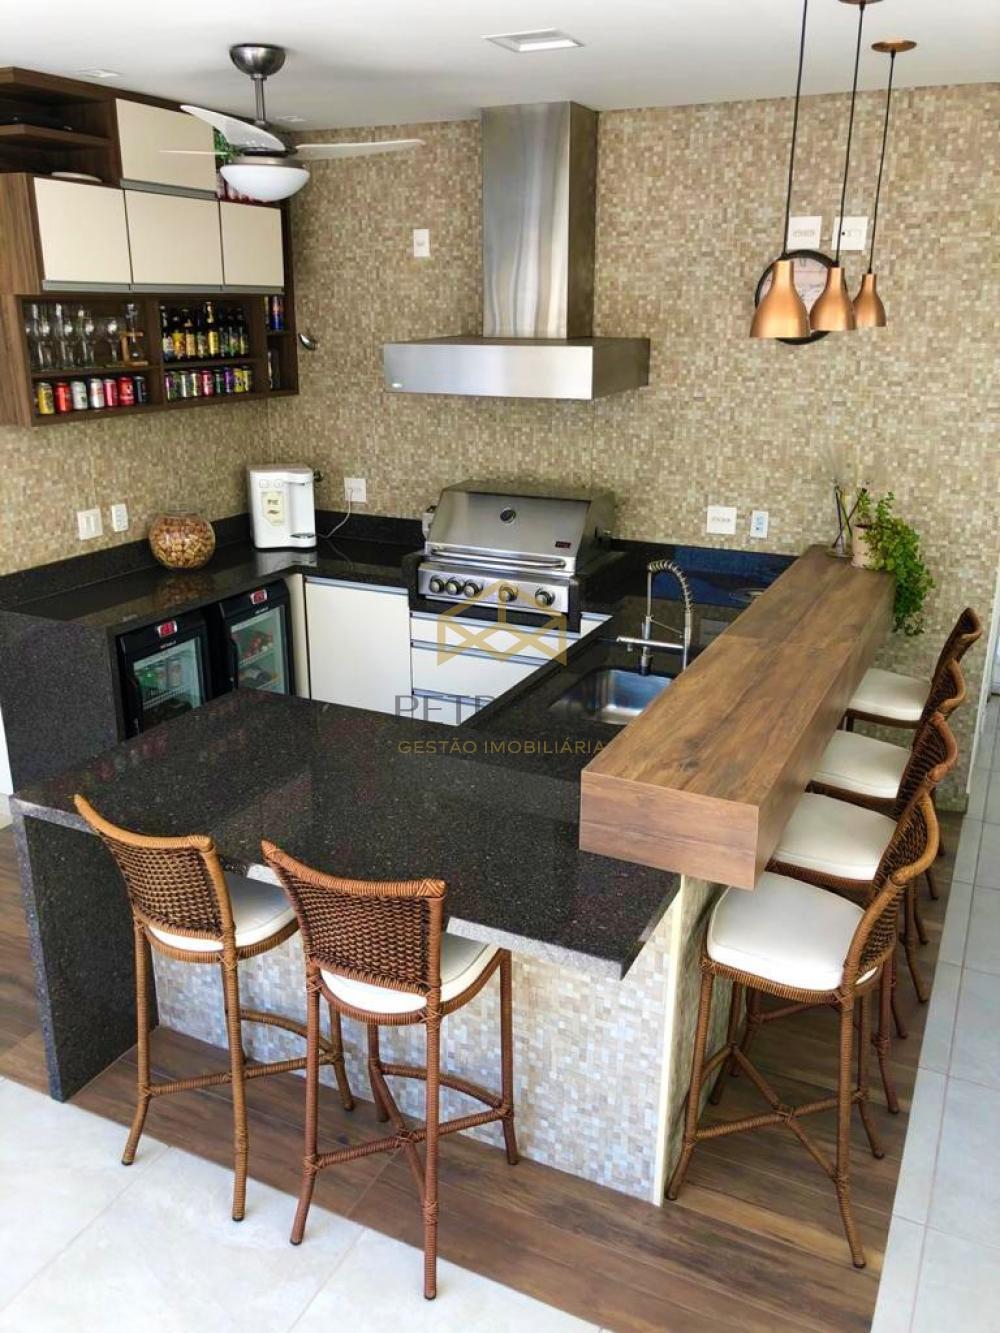 Comprar Casa / Sobrado em Condomínio em Campinas R$ 3.600.000,00 - Foto 30